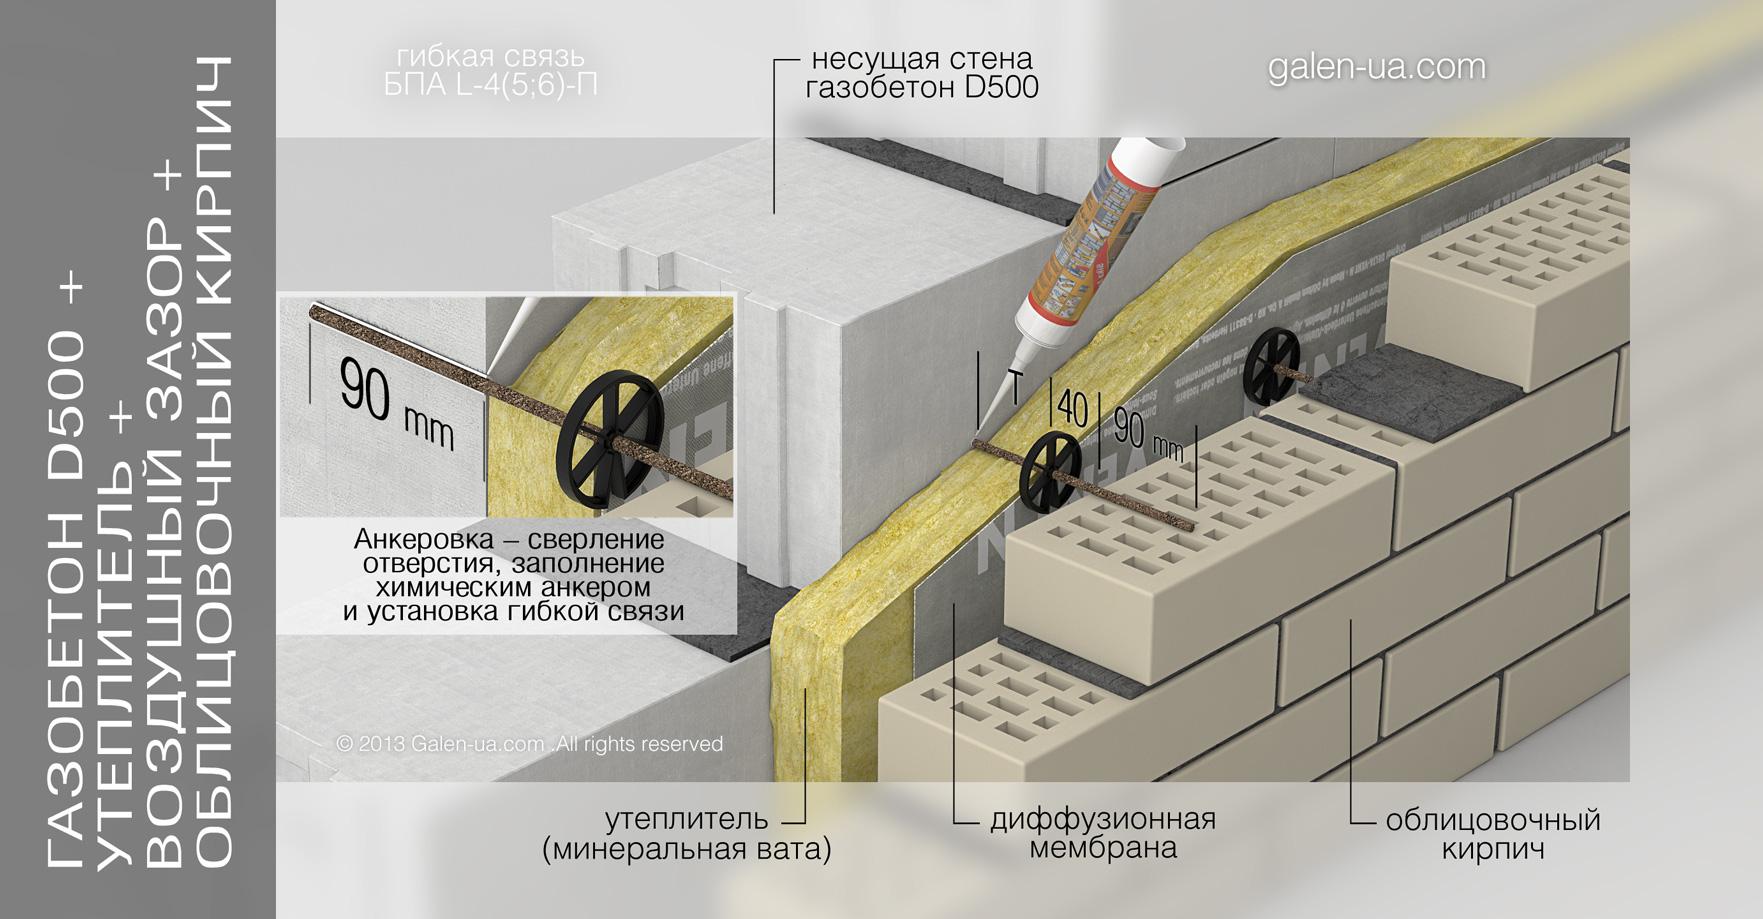 Гибкая связь БПА L-4(5;6)-П: Газобетон D500 + Утеплитель + Воздушный зазор + Облицовочный кирпич